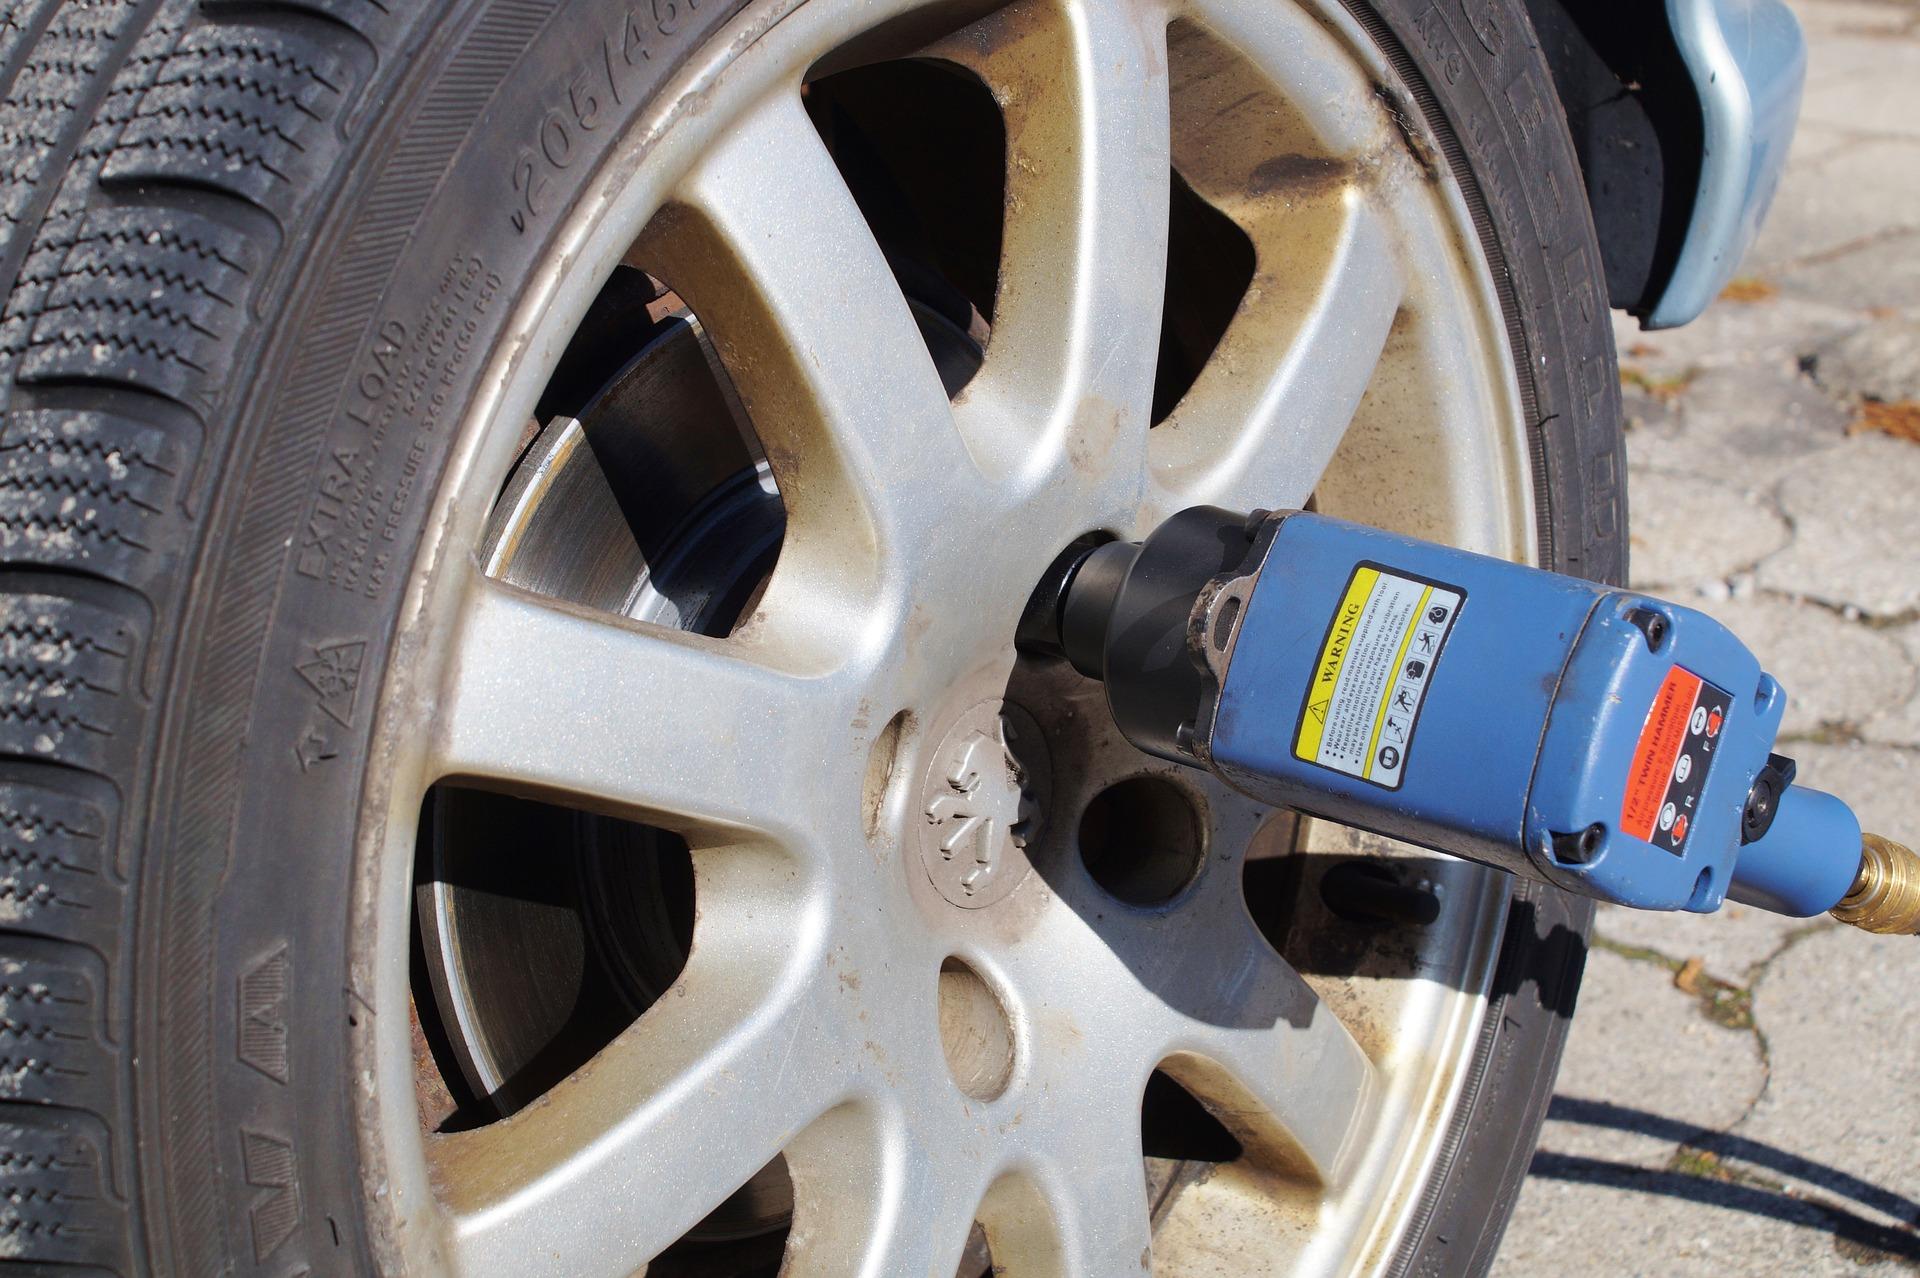 imagem de uma chave de impacto colocada no parafuso de um pneu, para liberá-lo. Neste caso, a ferramenta está parada, sem o utilizador para ativá-la.